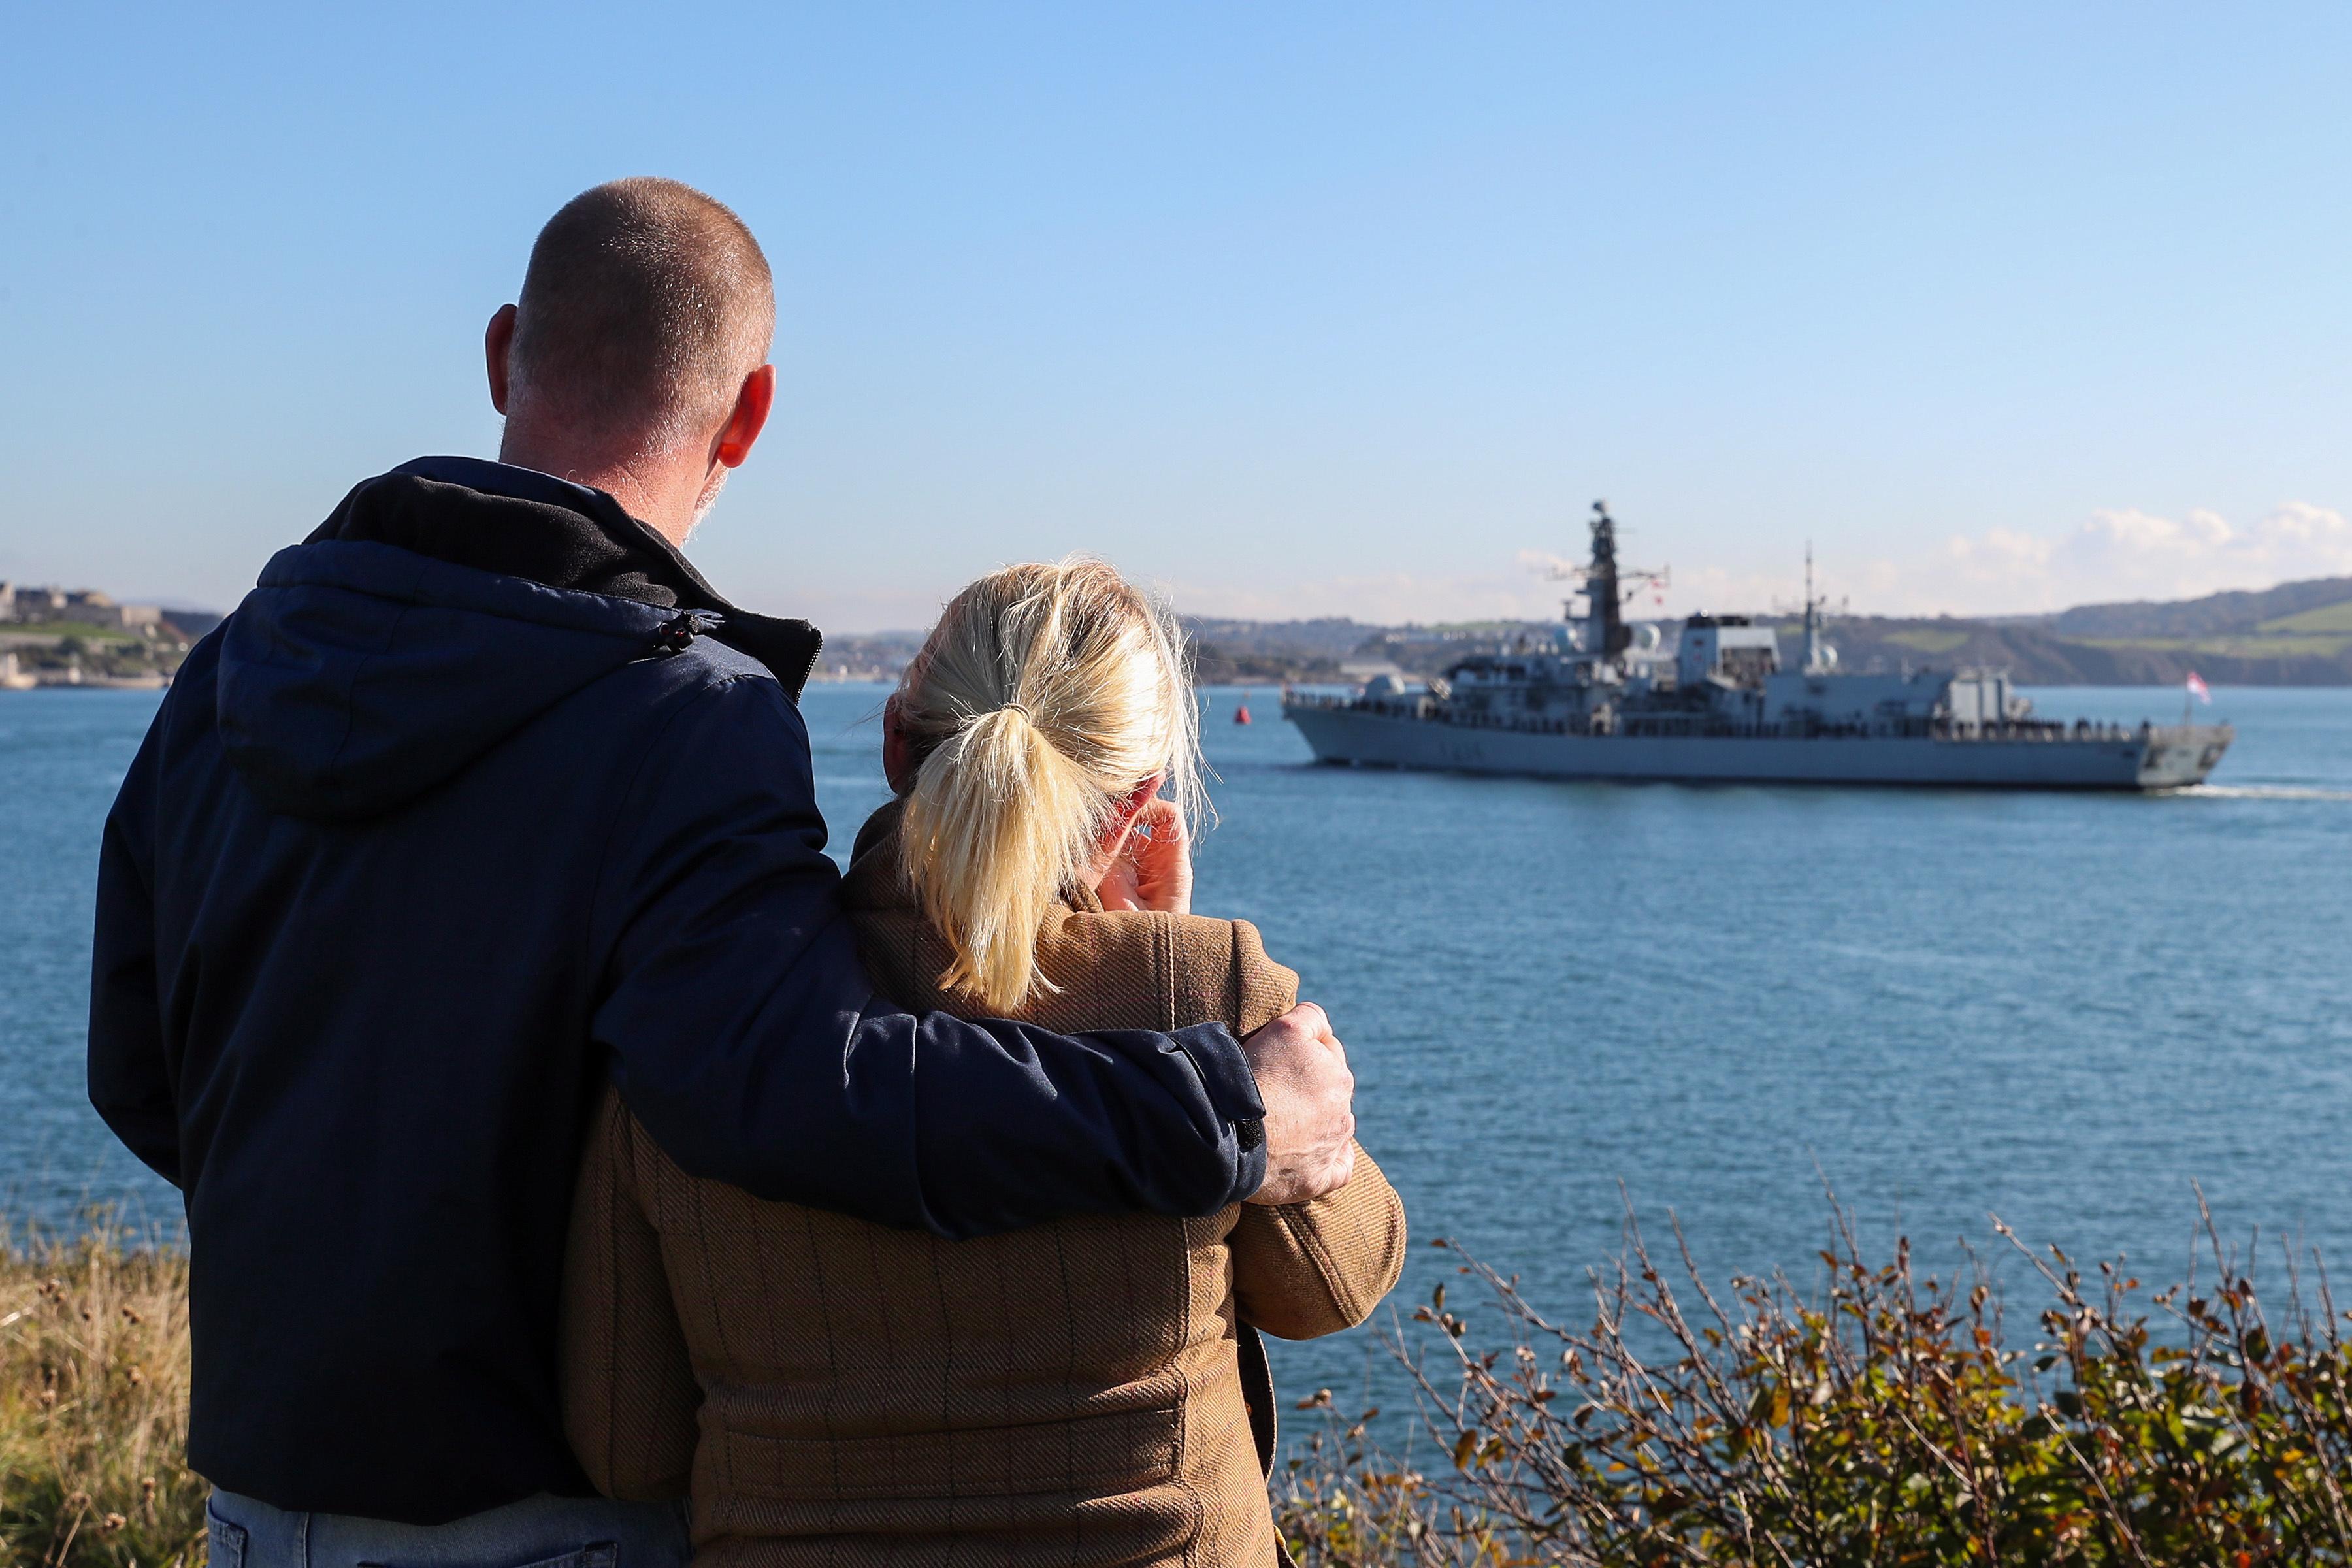 HMS Montrose departs Devonport, a couple looks on.